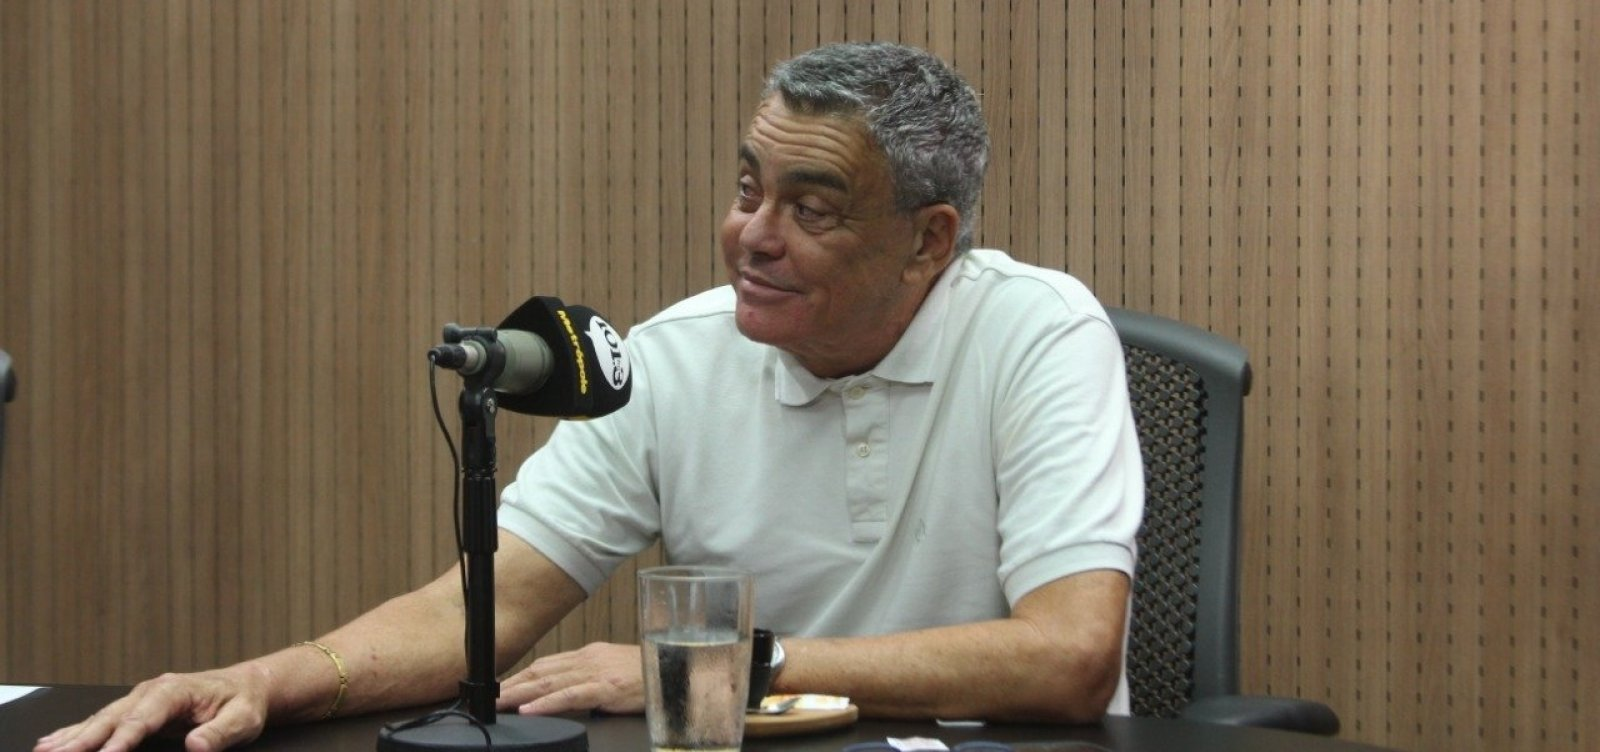 [Eleições no Vitória: Paulo Carneiro escolhe Manoel Matos como vice em chapa]